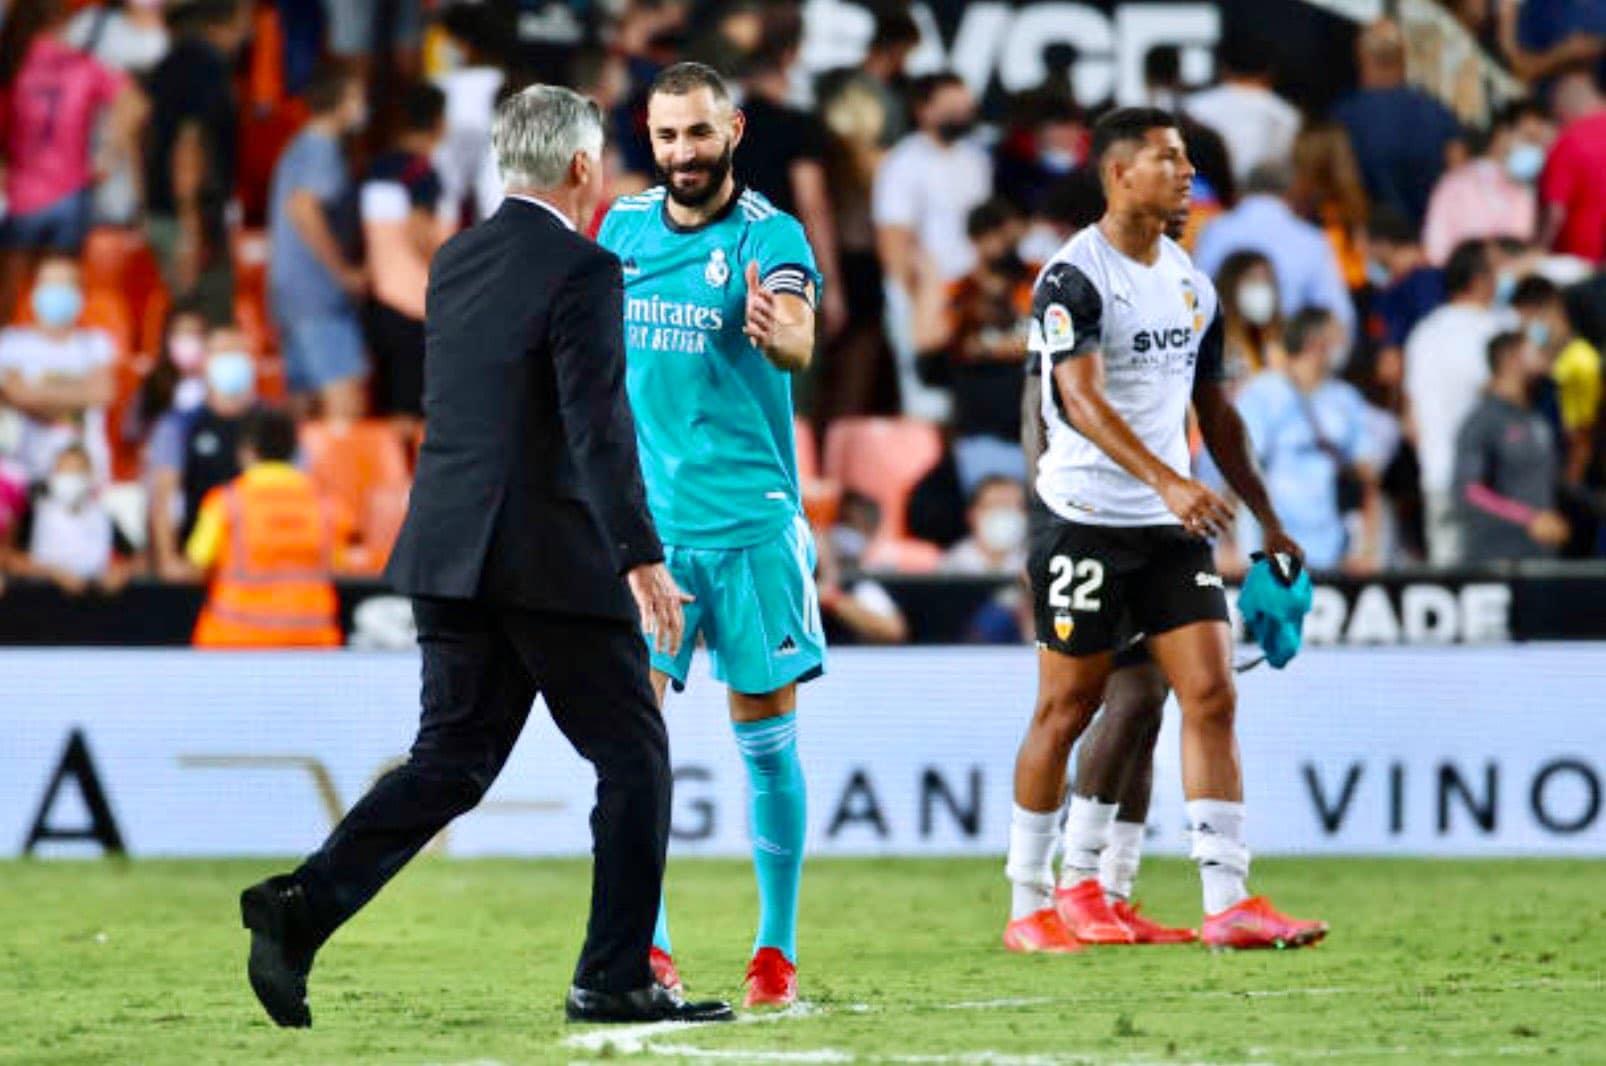 بنزيما وقيادة فريق ريال مدريد بالفوز على منافسه فالنسيا في الدوري الإسباني